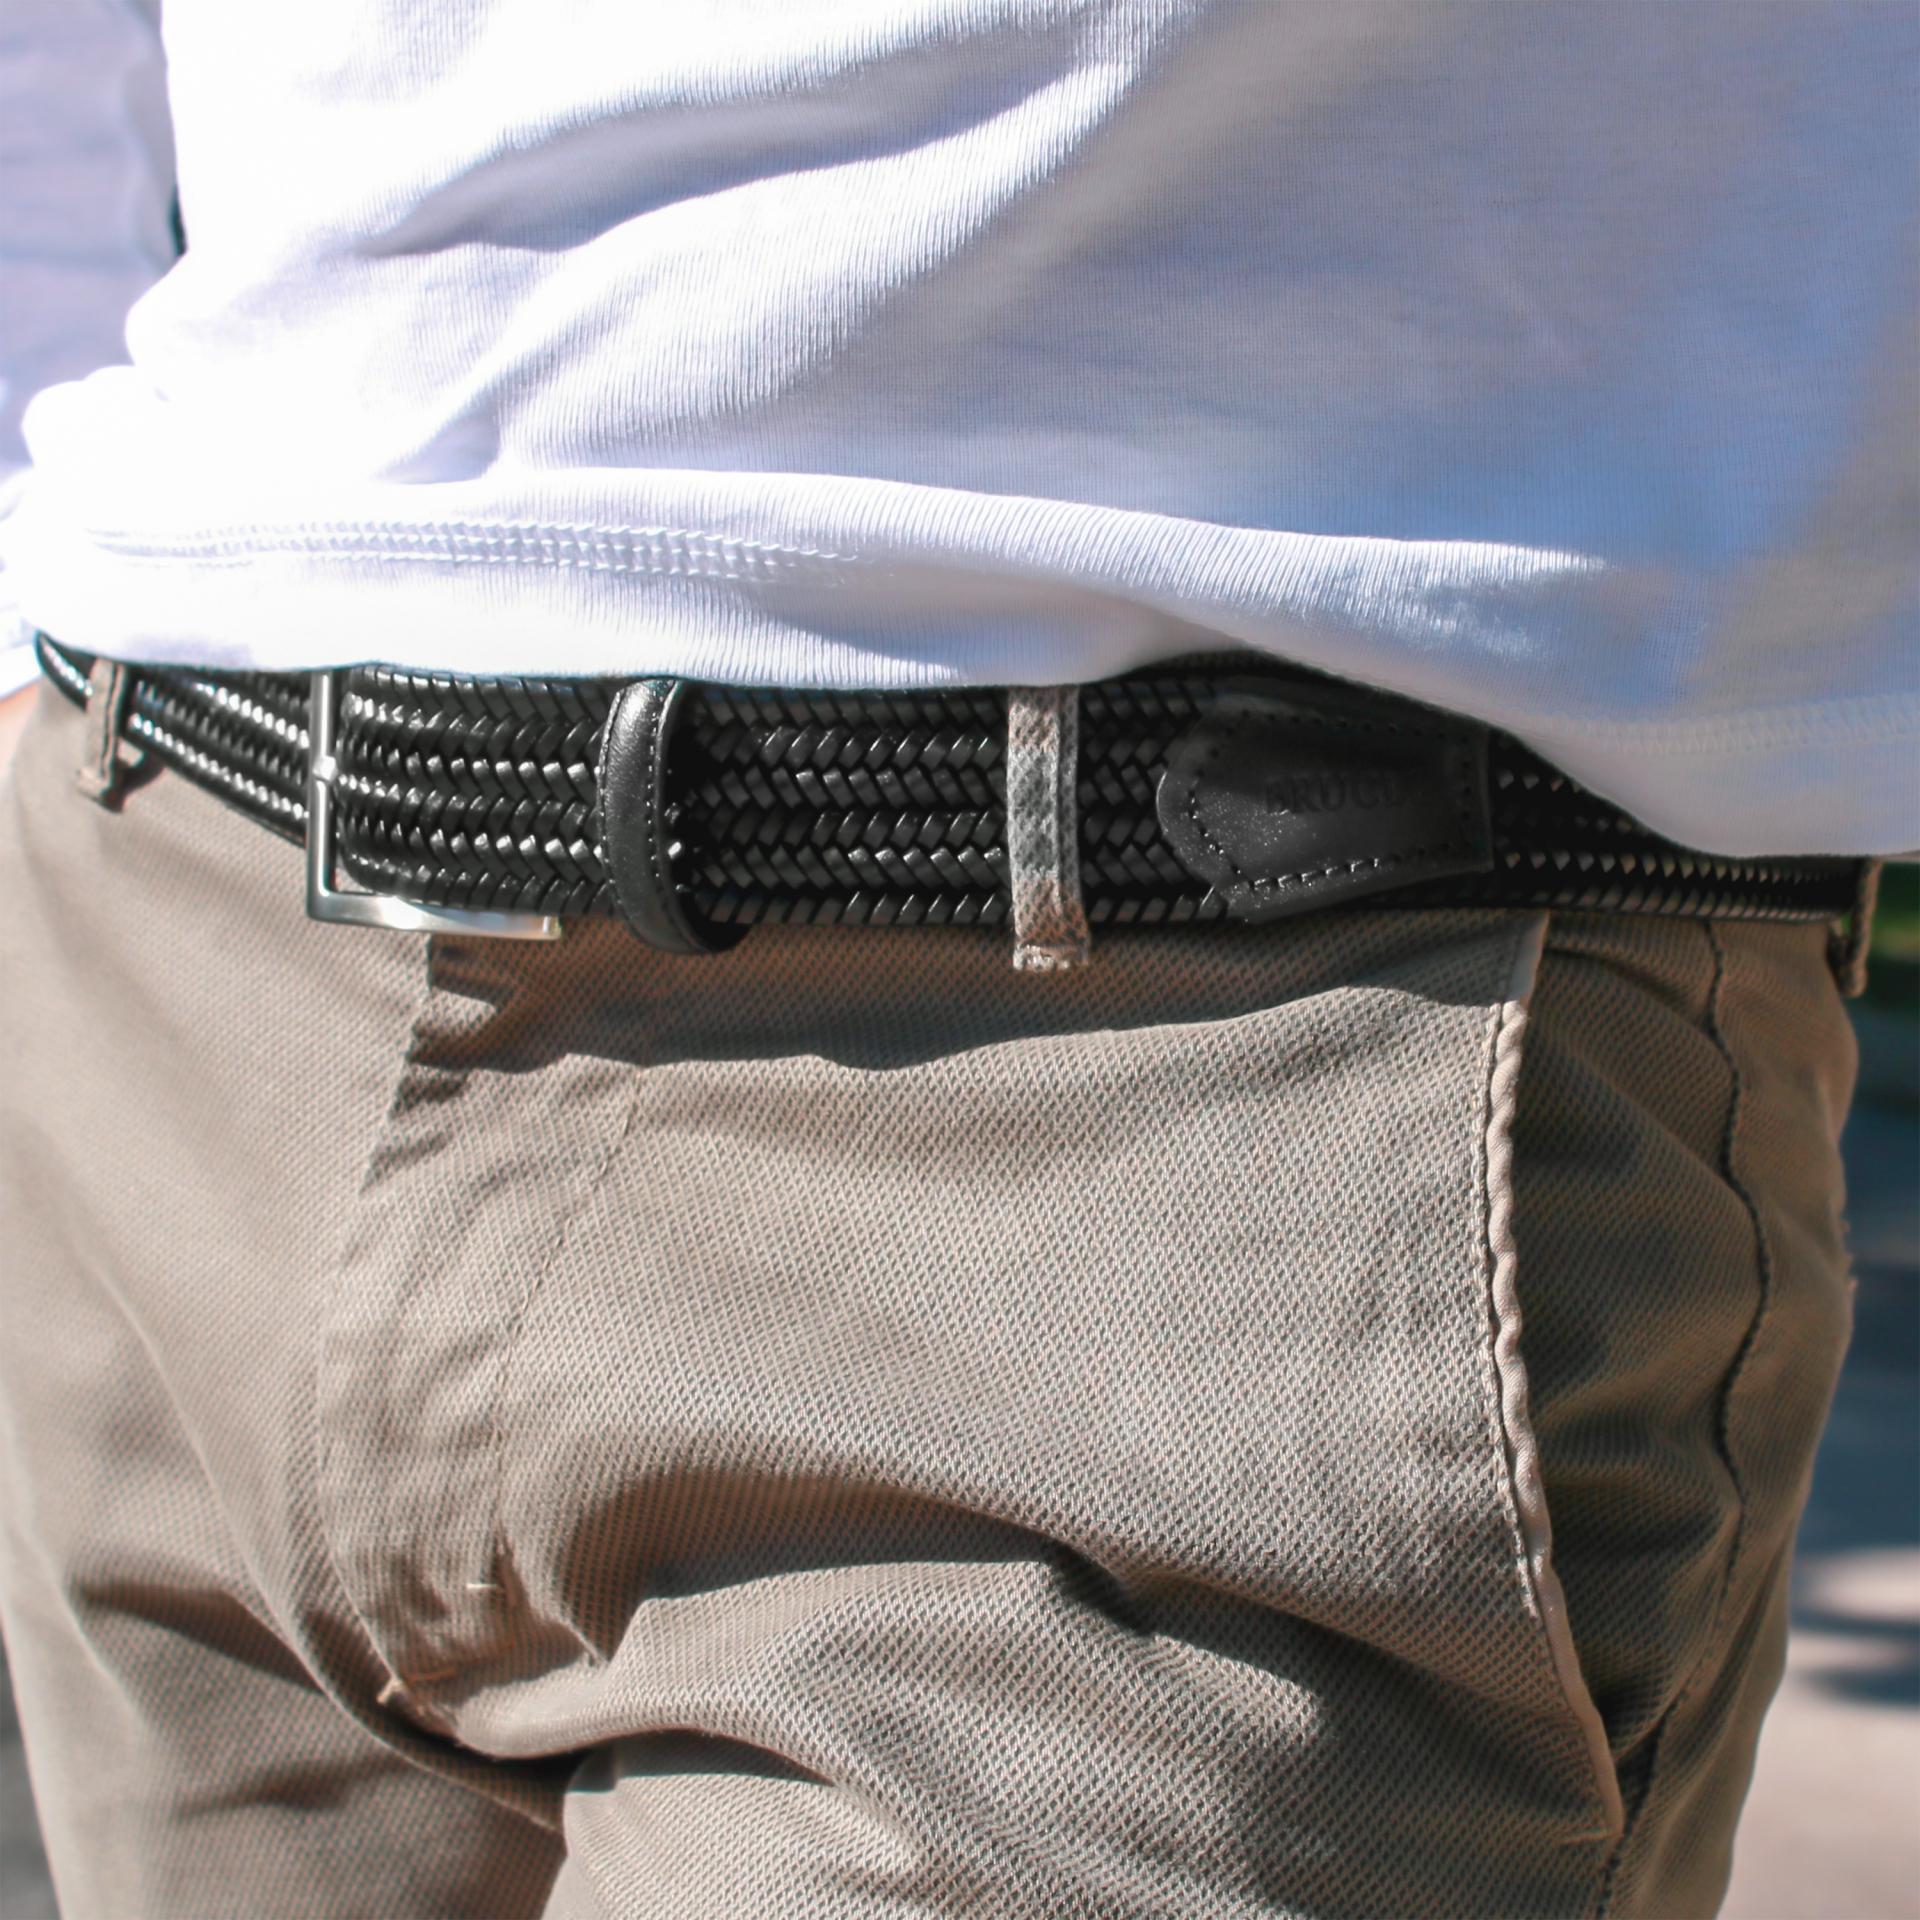 Cintura nera intrecciata in pelle elastica